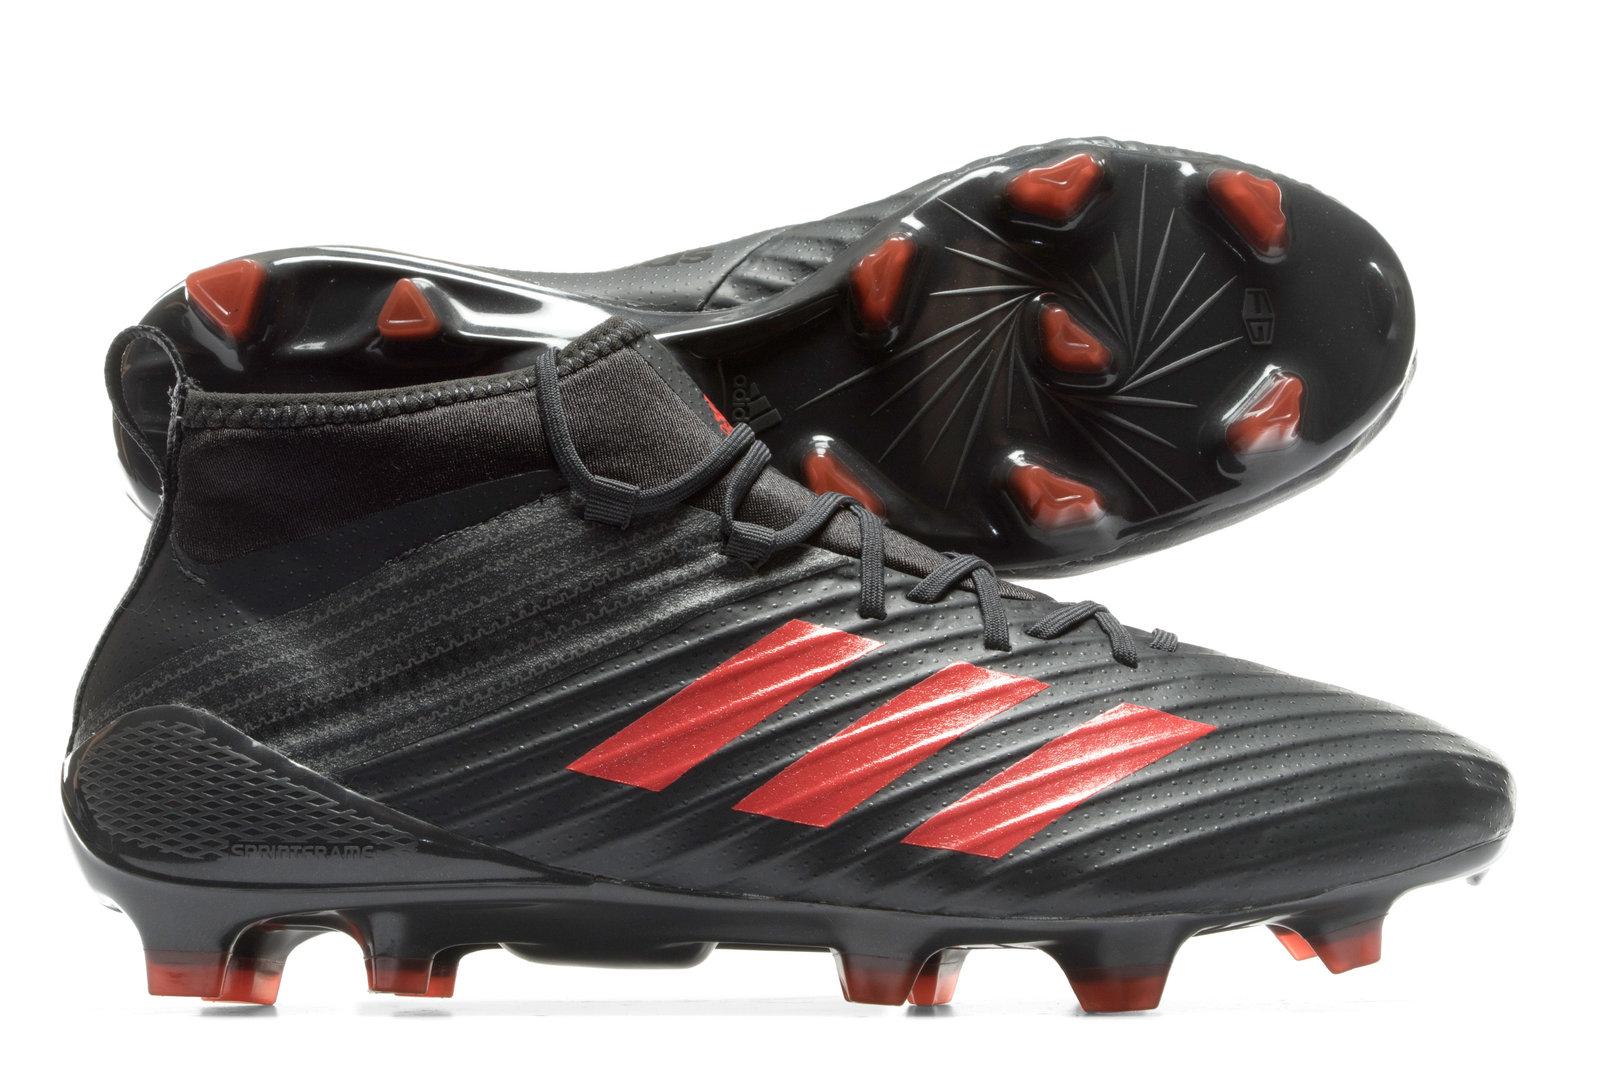 Adidas Uomo predatore razzo terra ferma le scarpe sportive rugby stivali